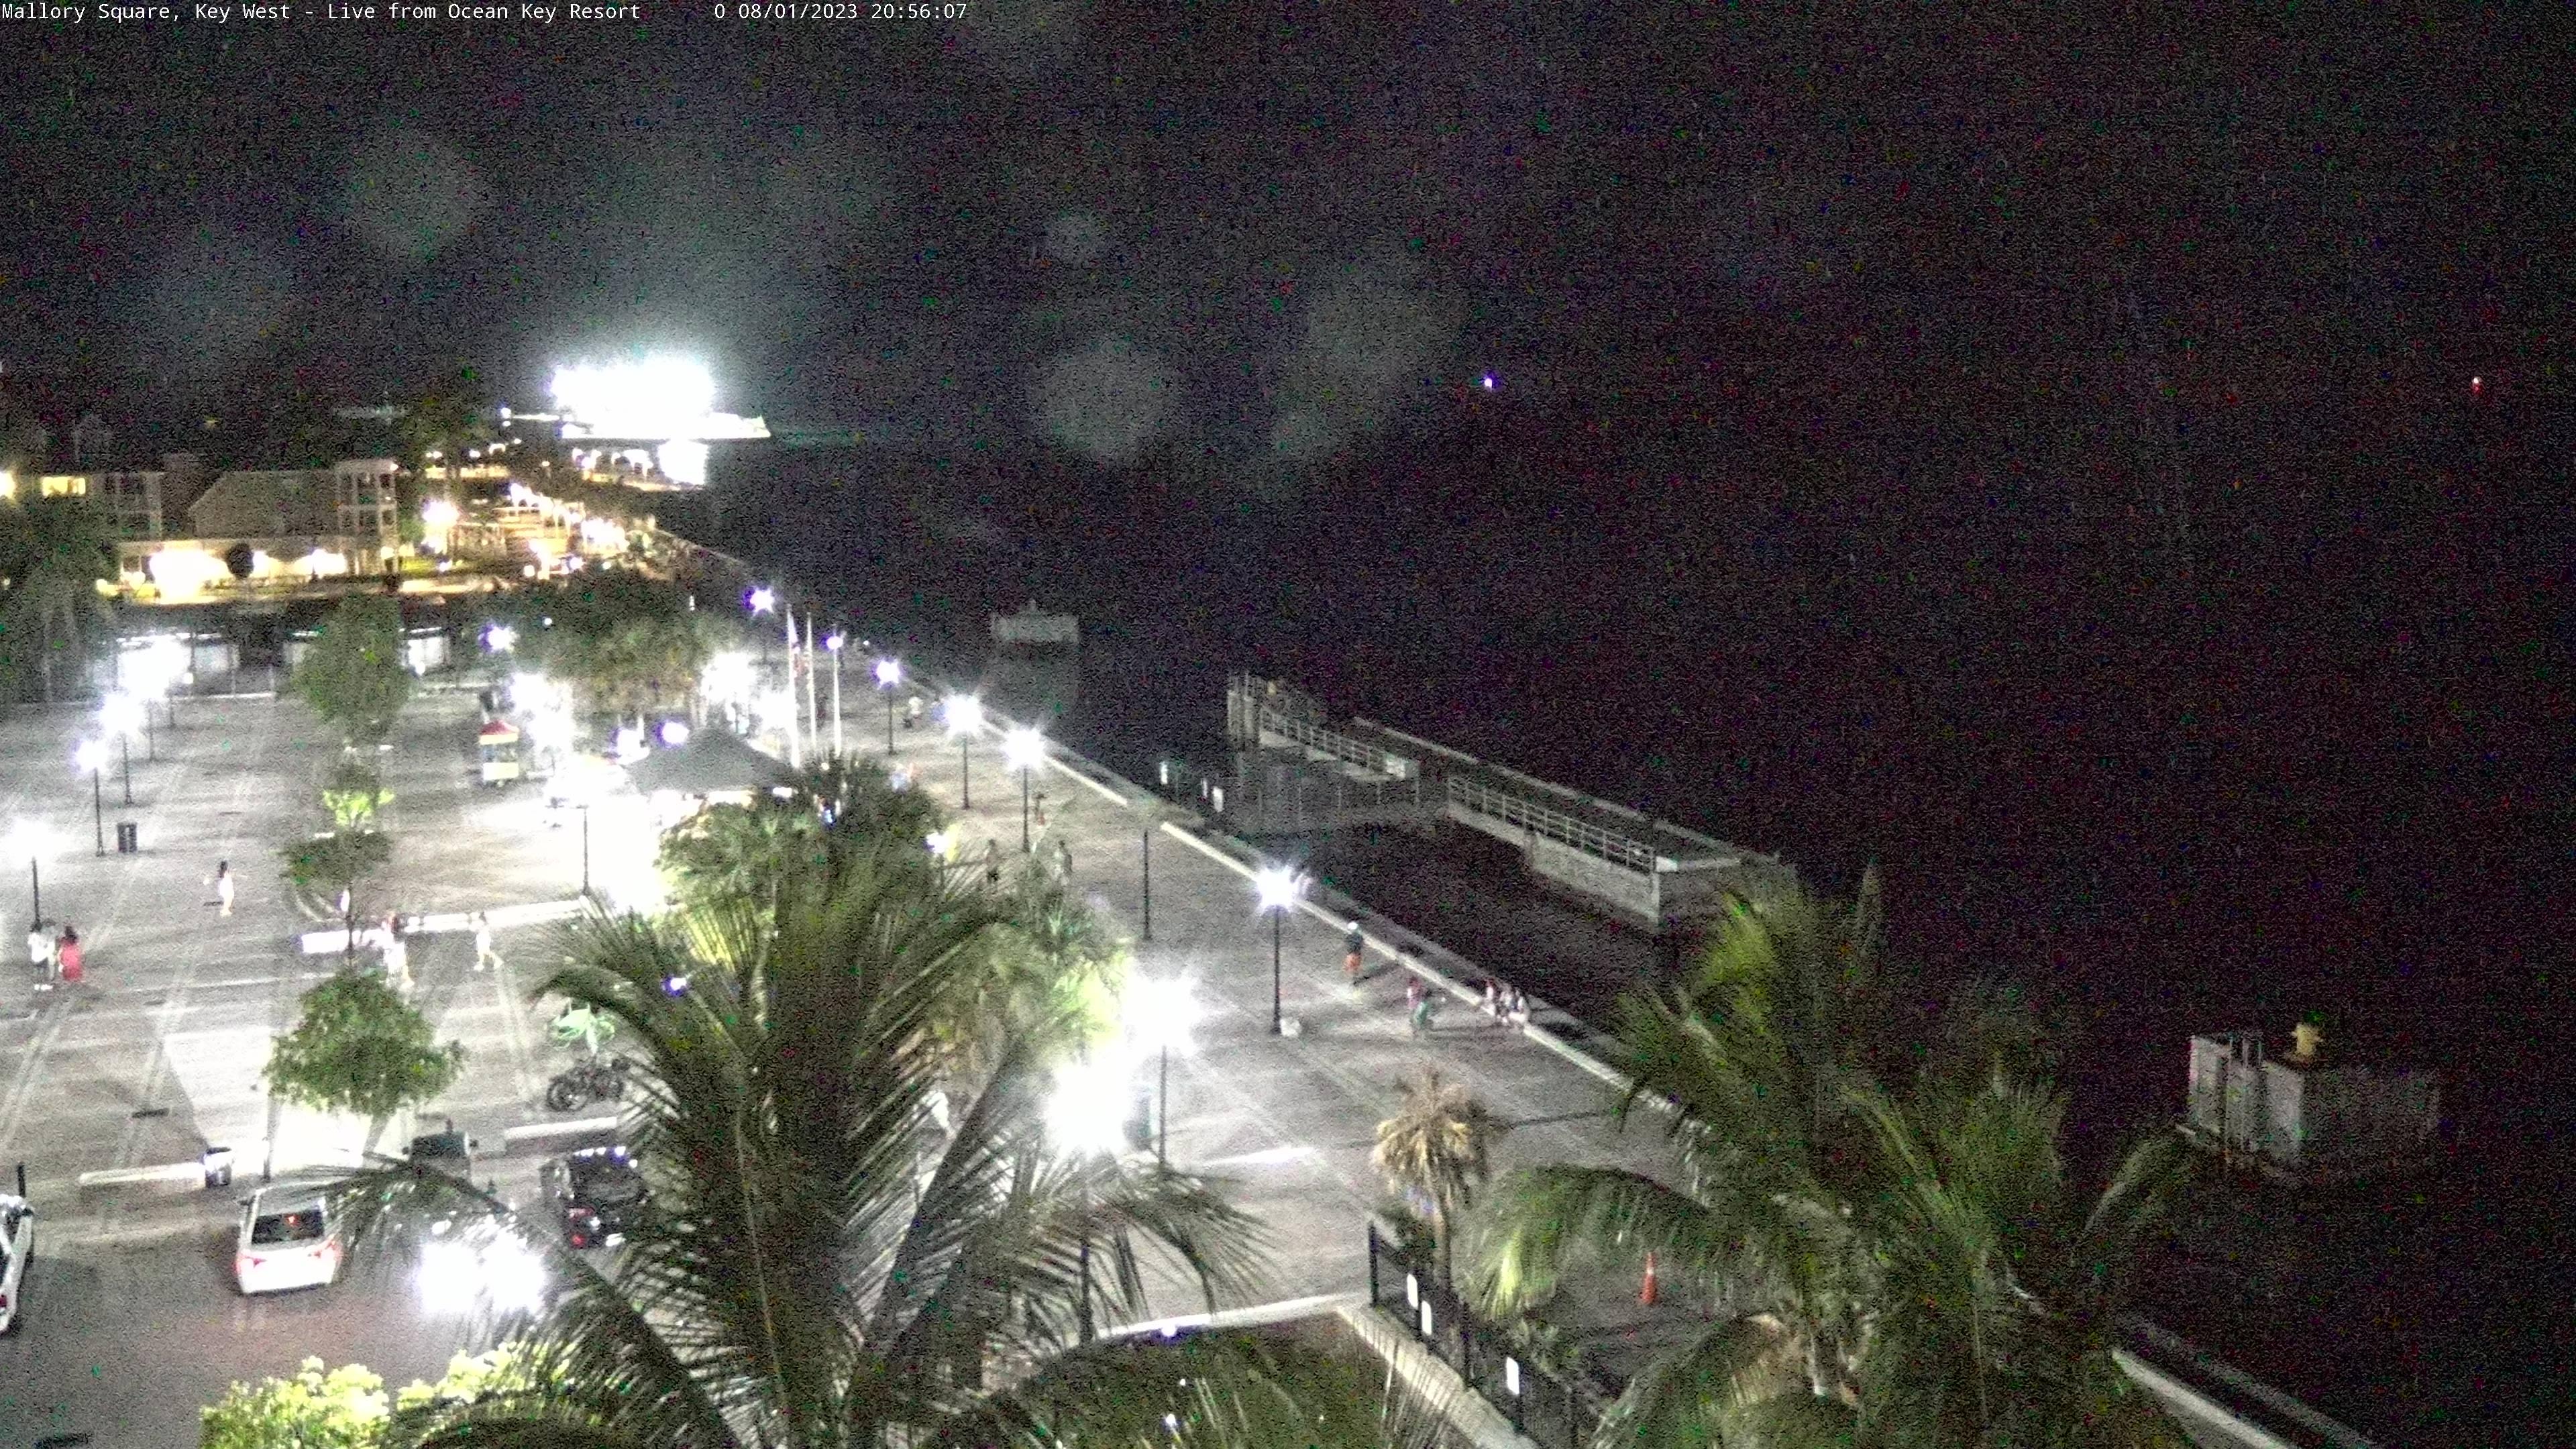 Mallory Square webcam